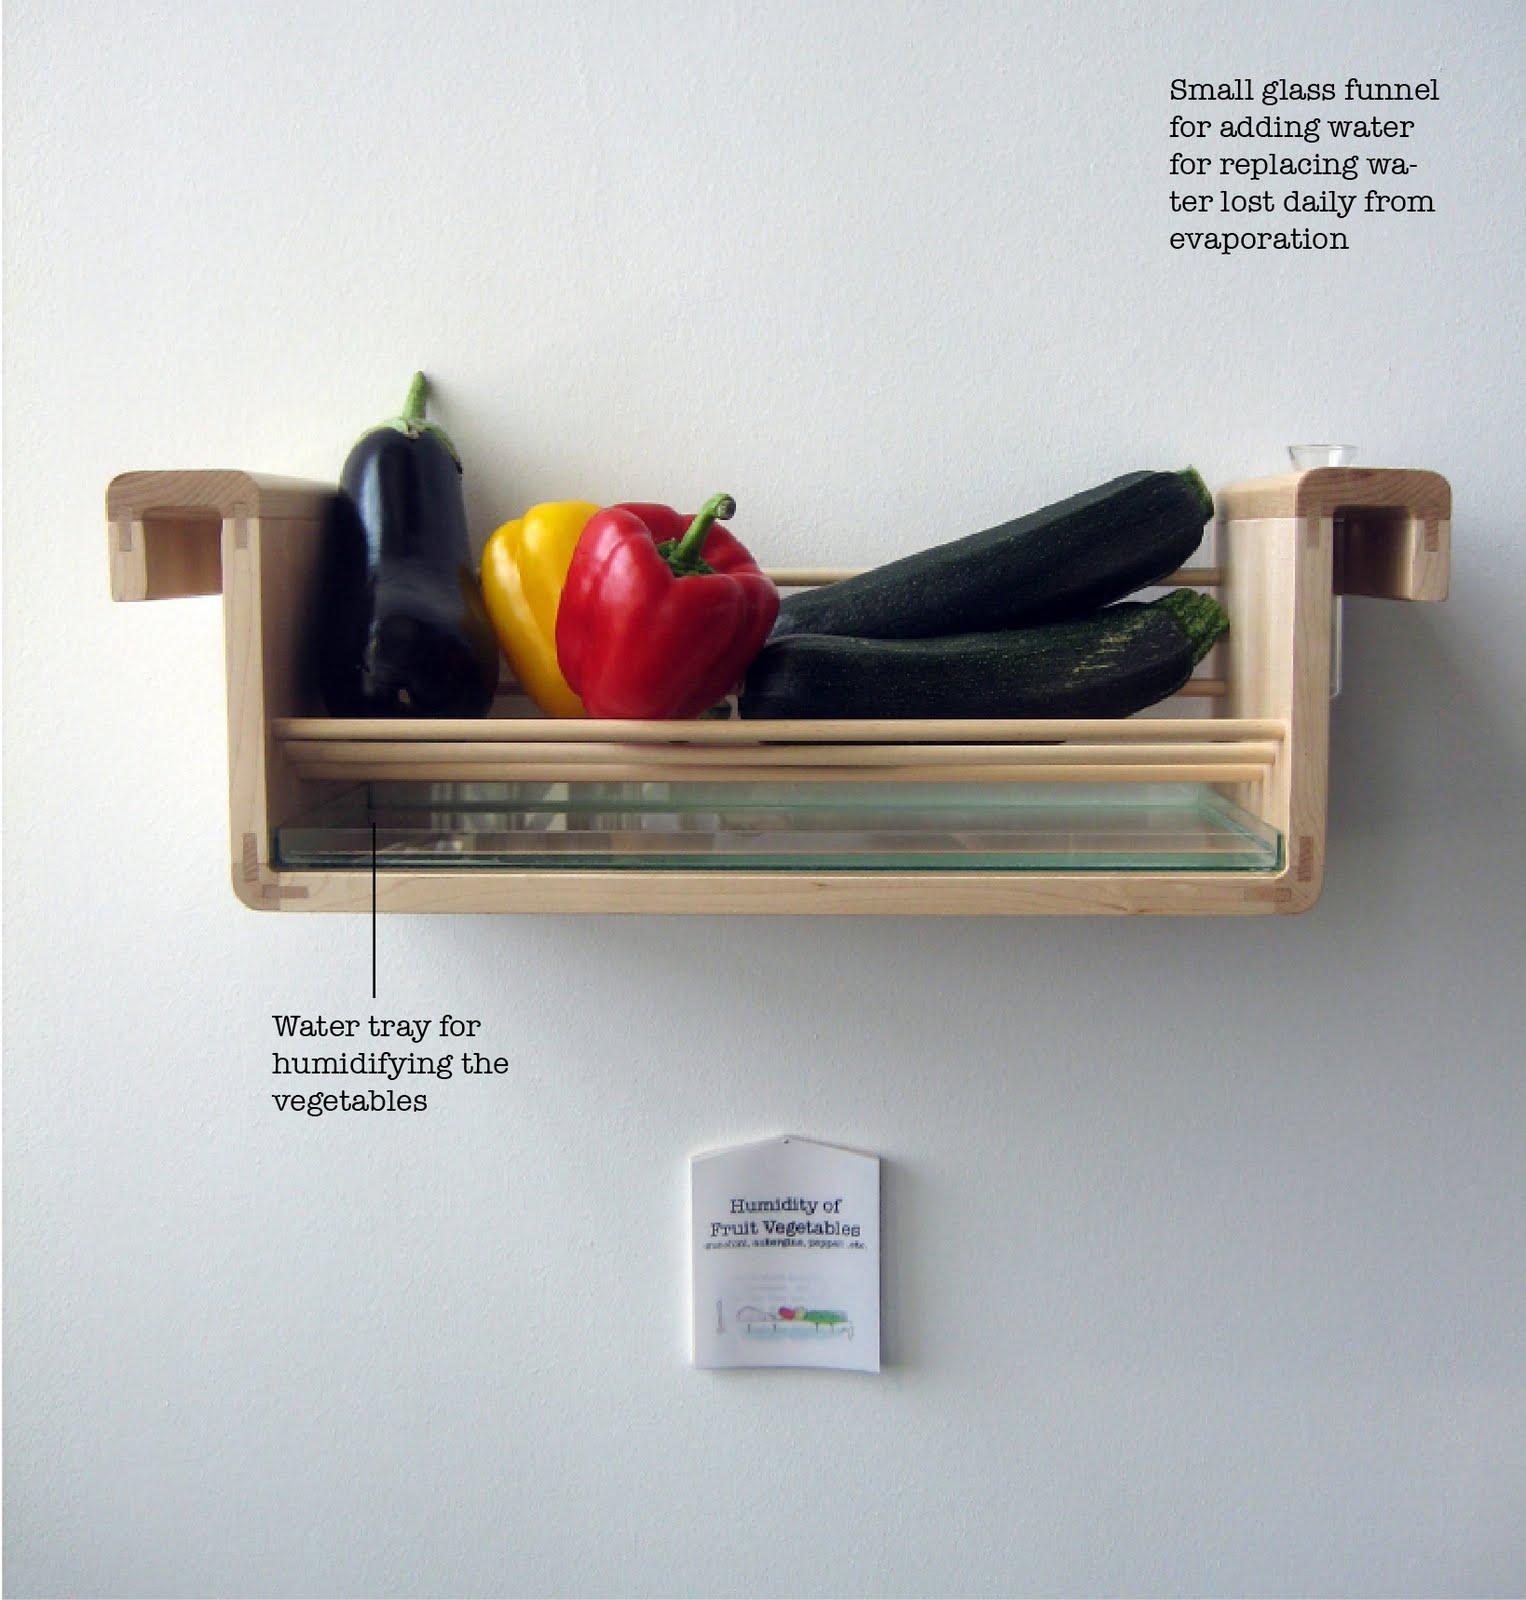 comment survivre sans frigo mon chef de partie. Black Bedroom Furniture Sets. Home Design Ideas